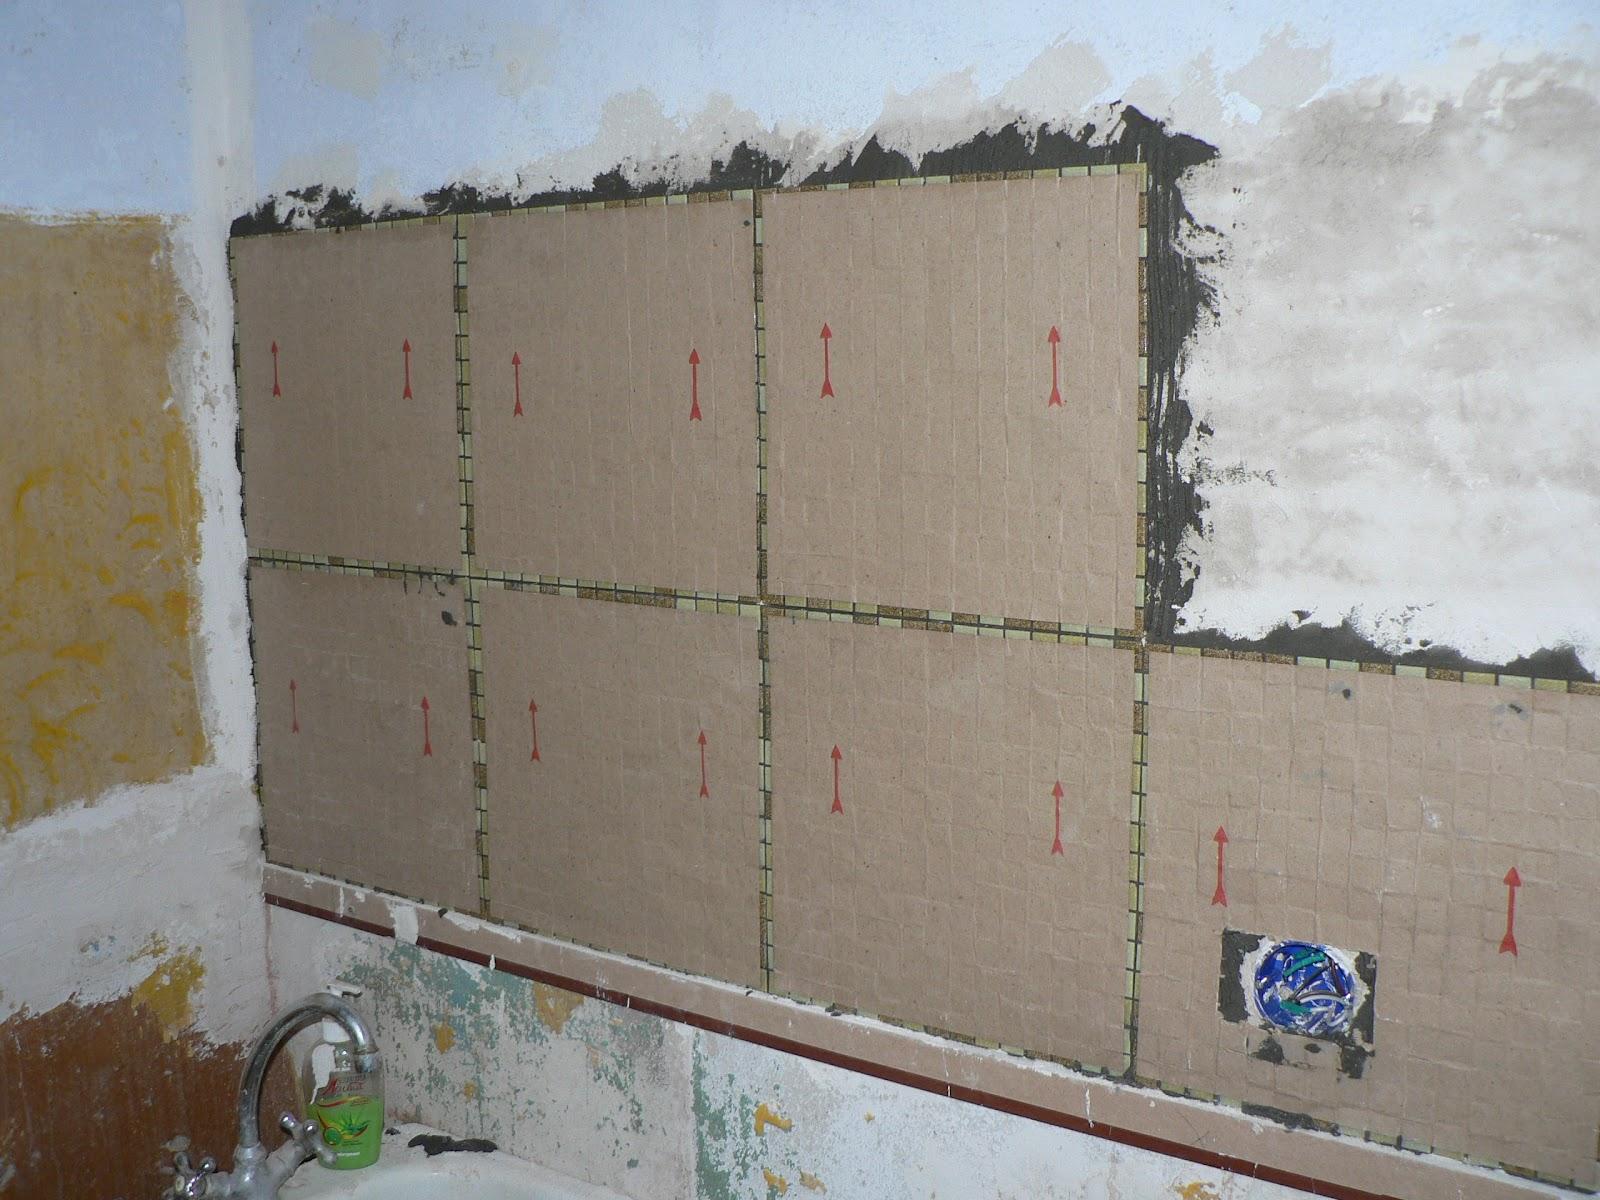 produit pour nettoyer les joints de carrelage nanterre saint paul saint maur des fosses. Black Bedroom Furniture Sets. Home Design Ideas